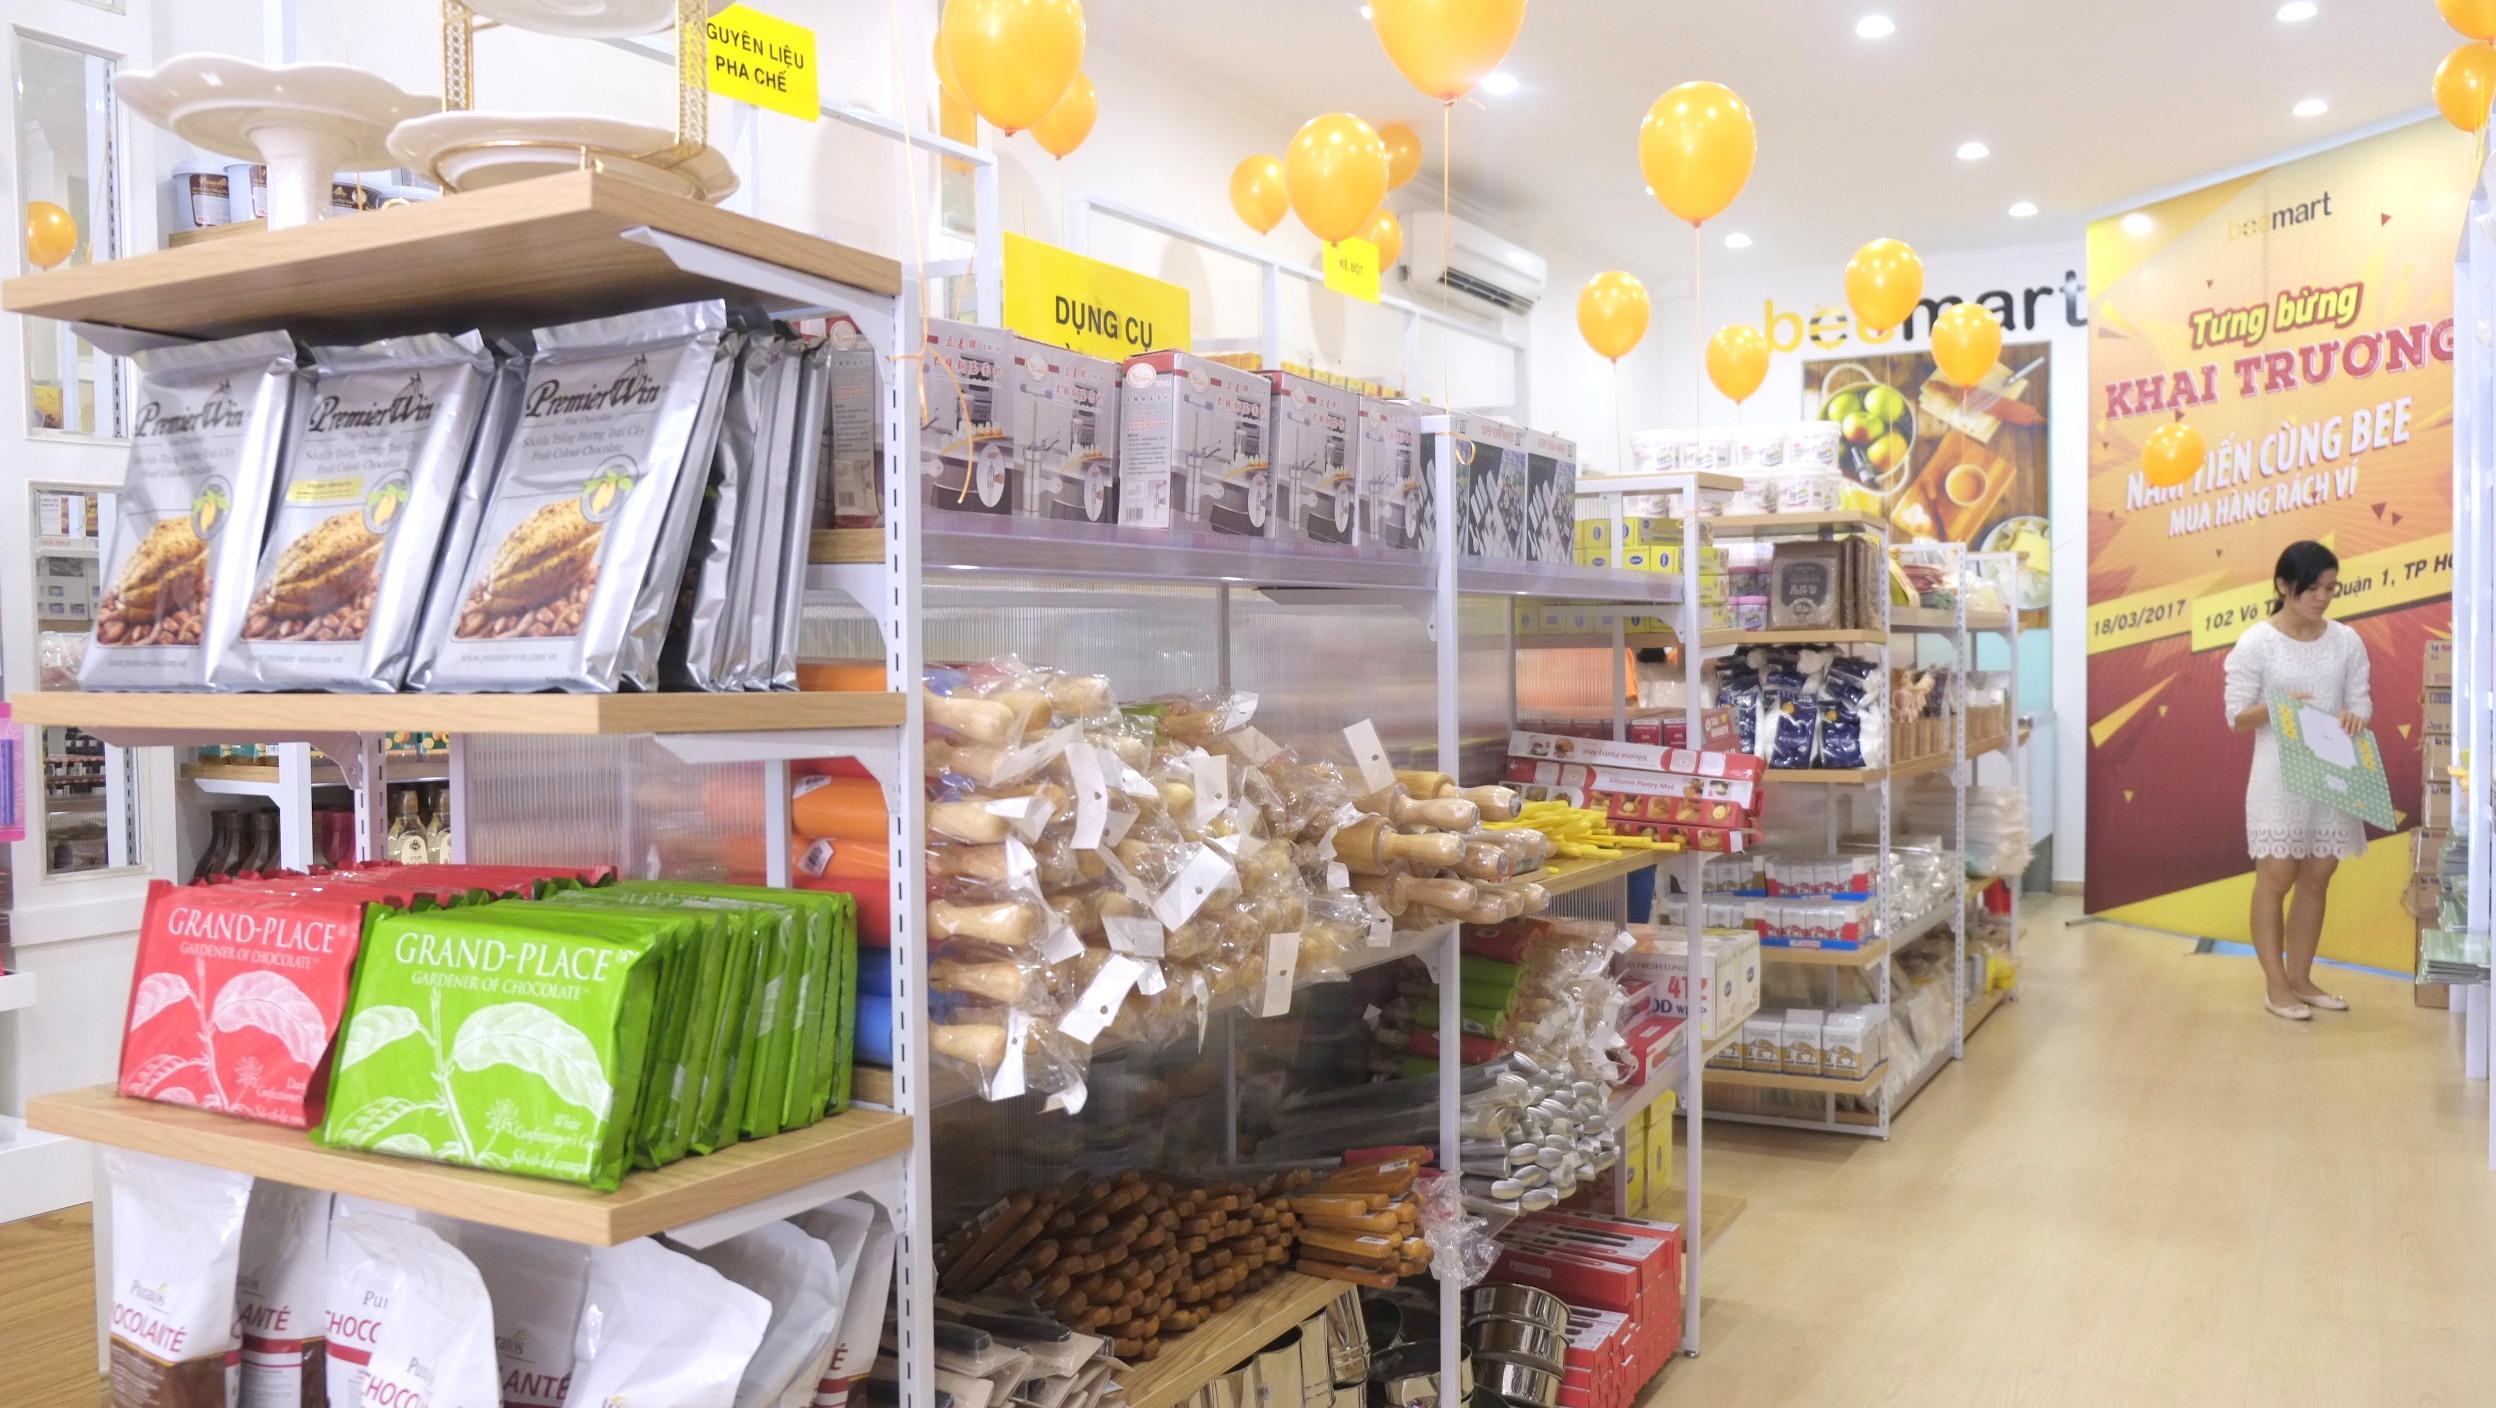 siêu thị đồ làm bánh tại tp. hcm  Beemart ra mắt cửa hàng thứ 4, chính thức Nam tiến sau 2 năm thành lập anh 26